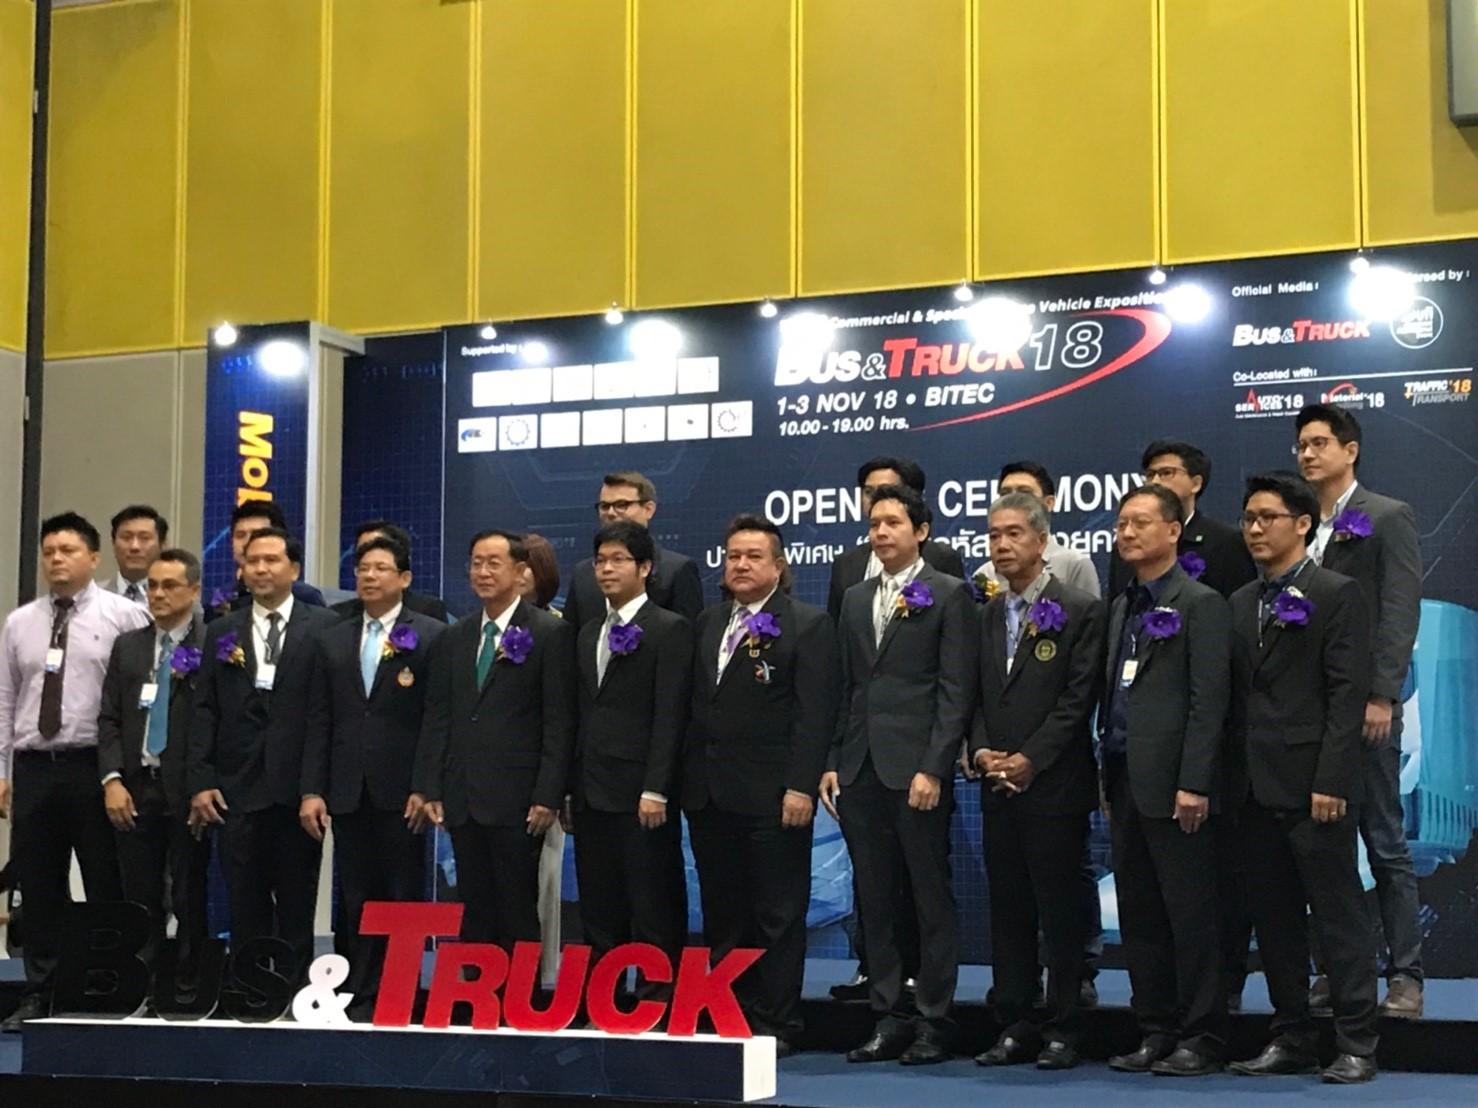 BUS&TRUCK' 18 งานแสดงรถเพื่อการพาณิชย์และกิจการพิเศษ ครั้งที่ 15